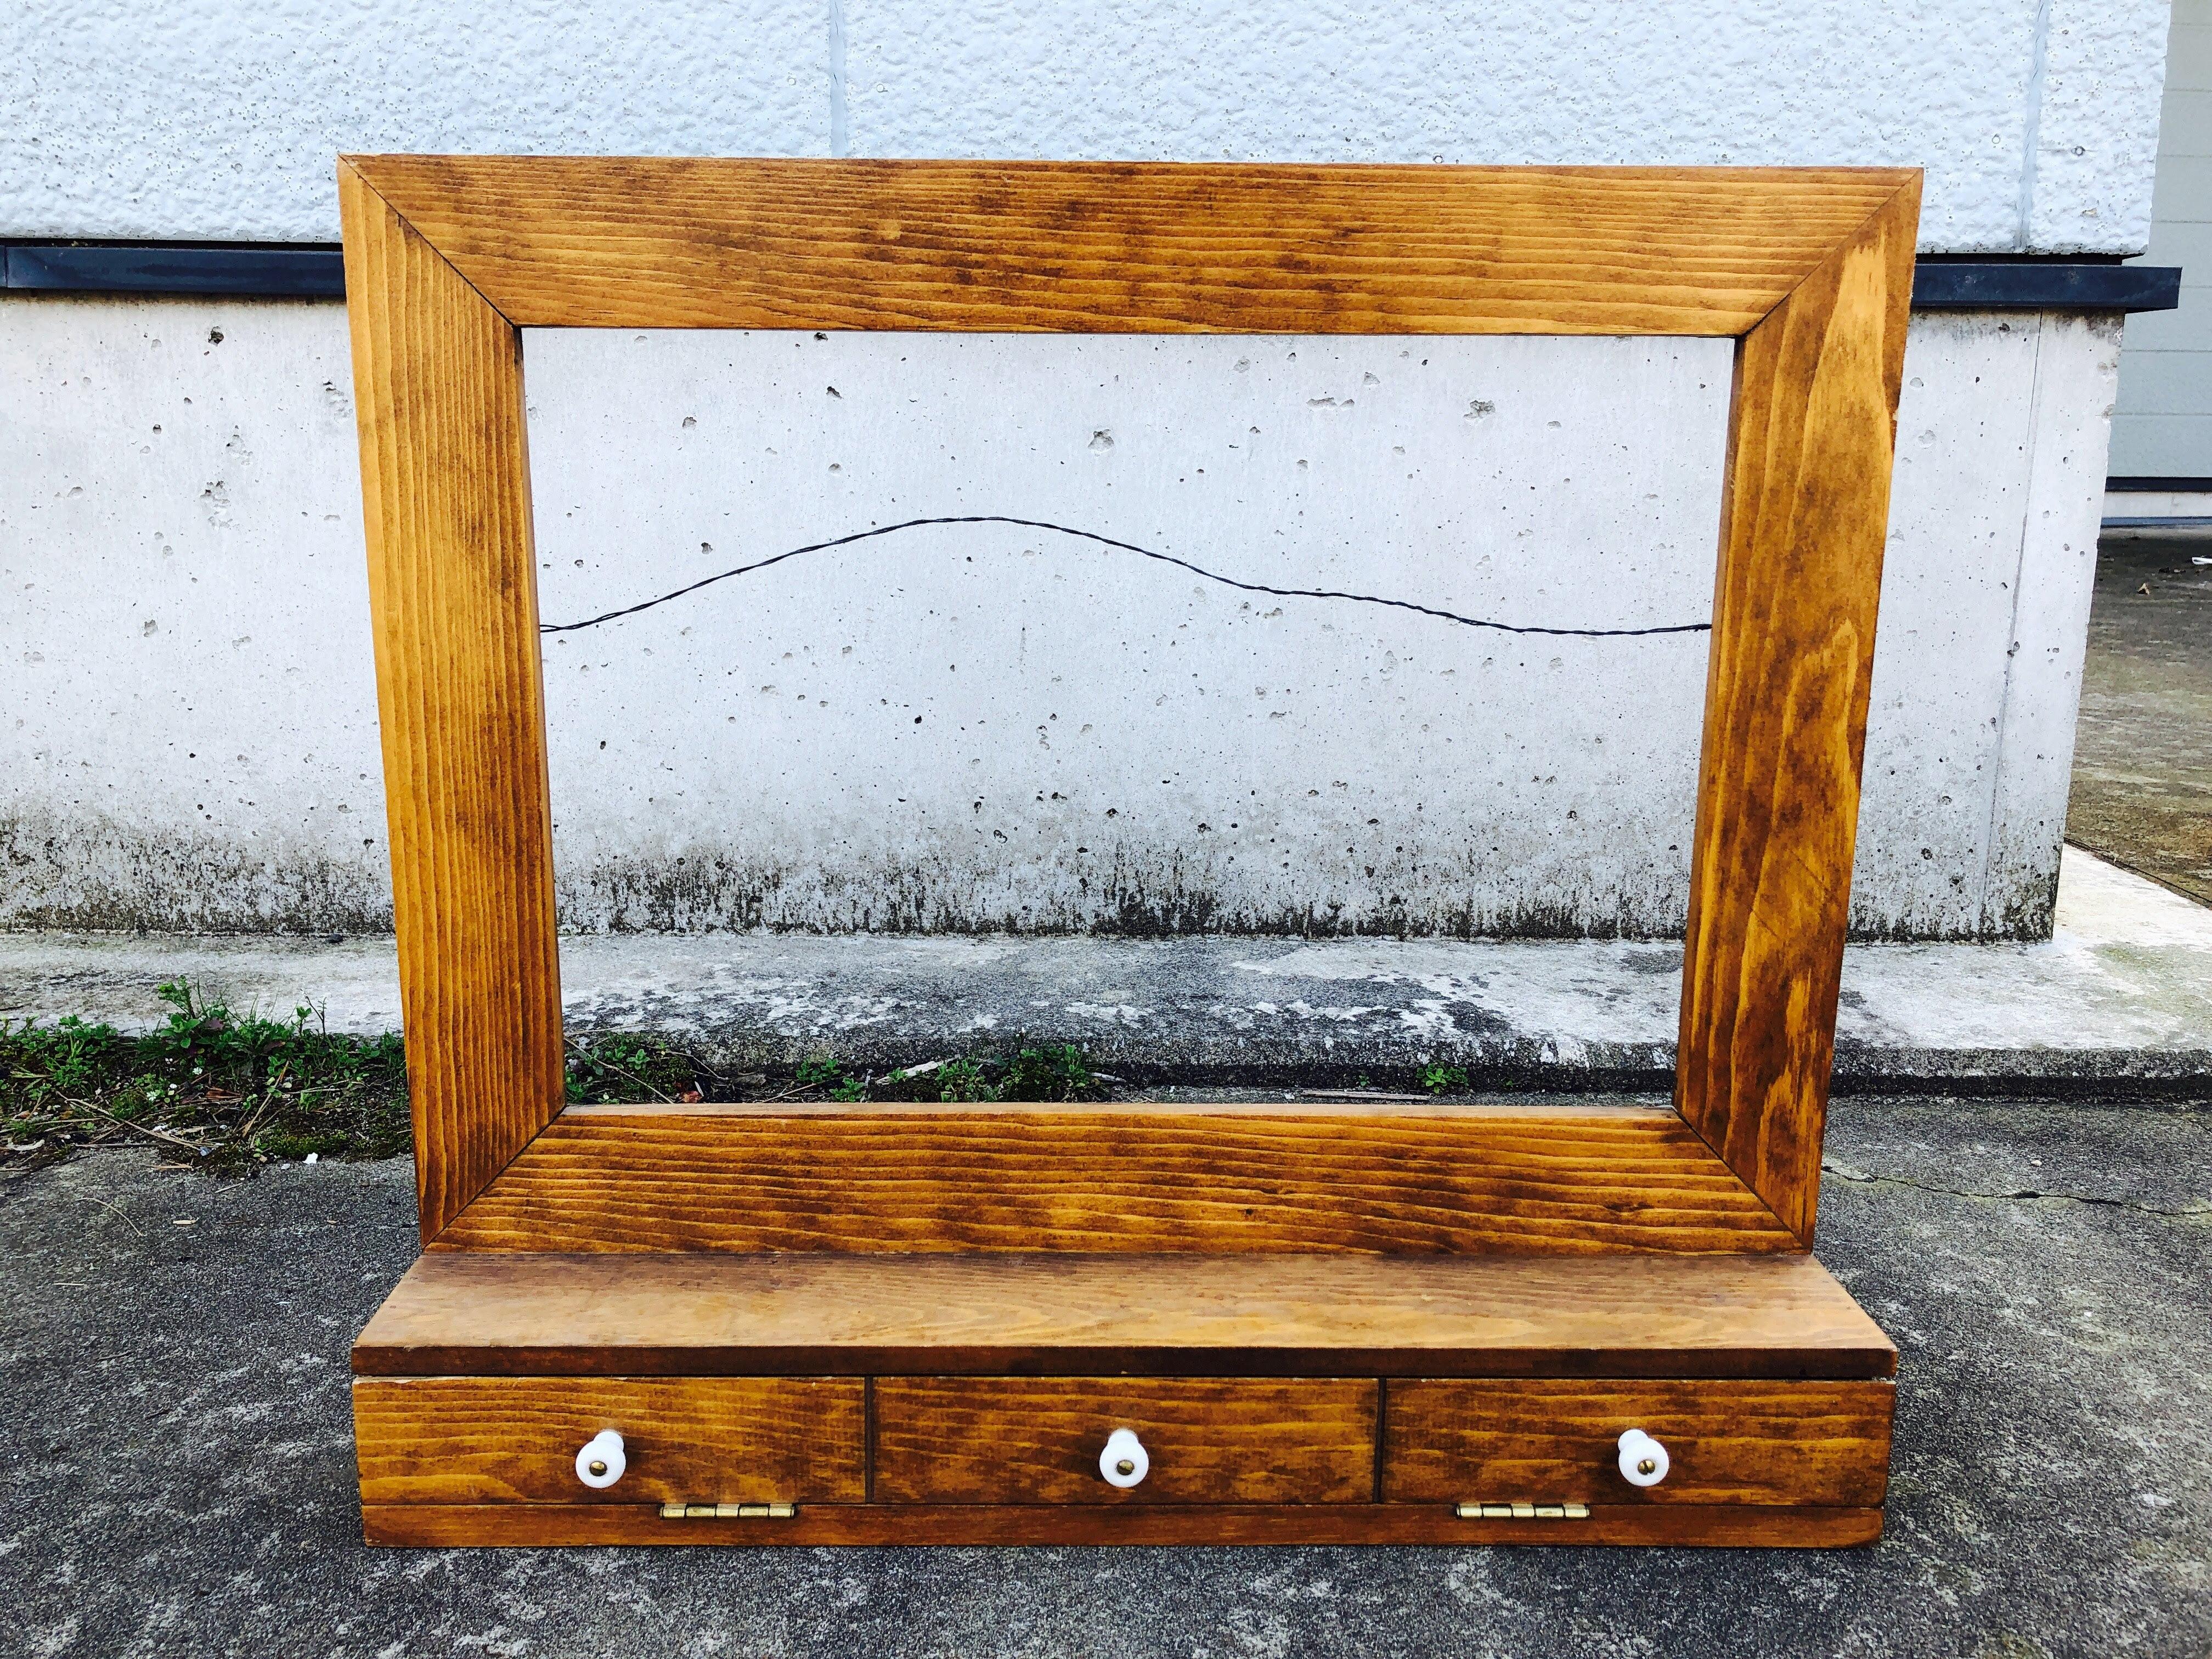 品番4615 壁飾り アート チーク材 木製 引き出し付き インテリア ディスプレイ アンティーク